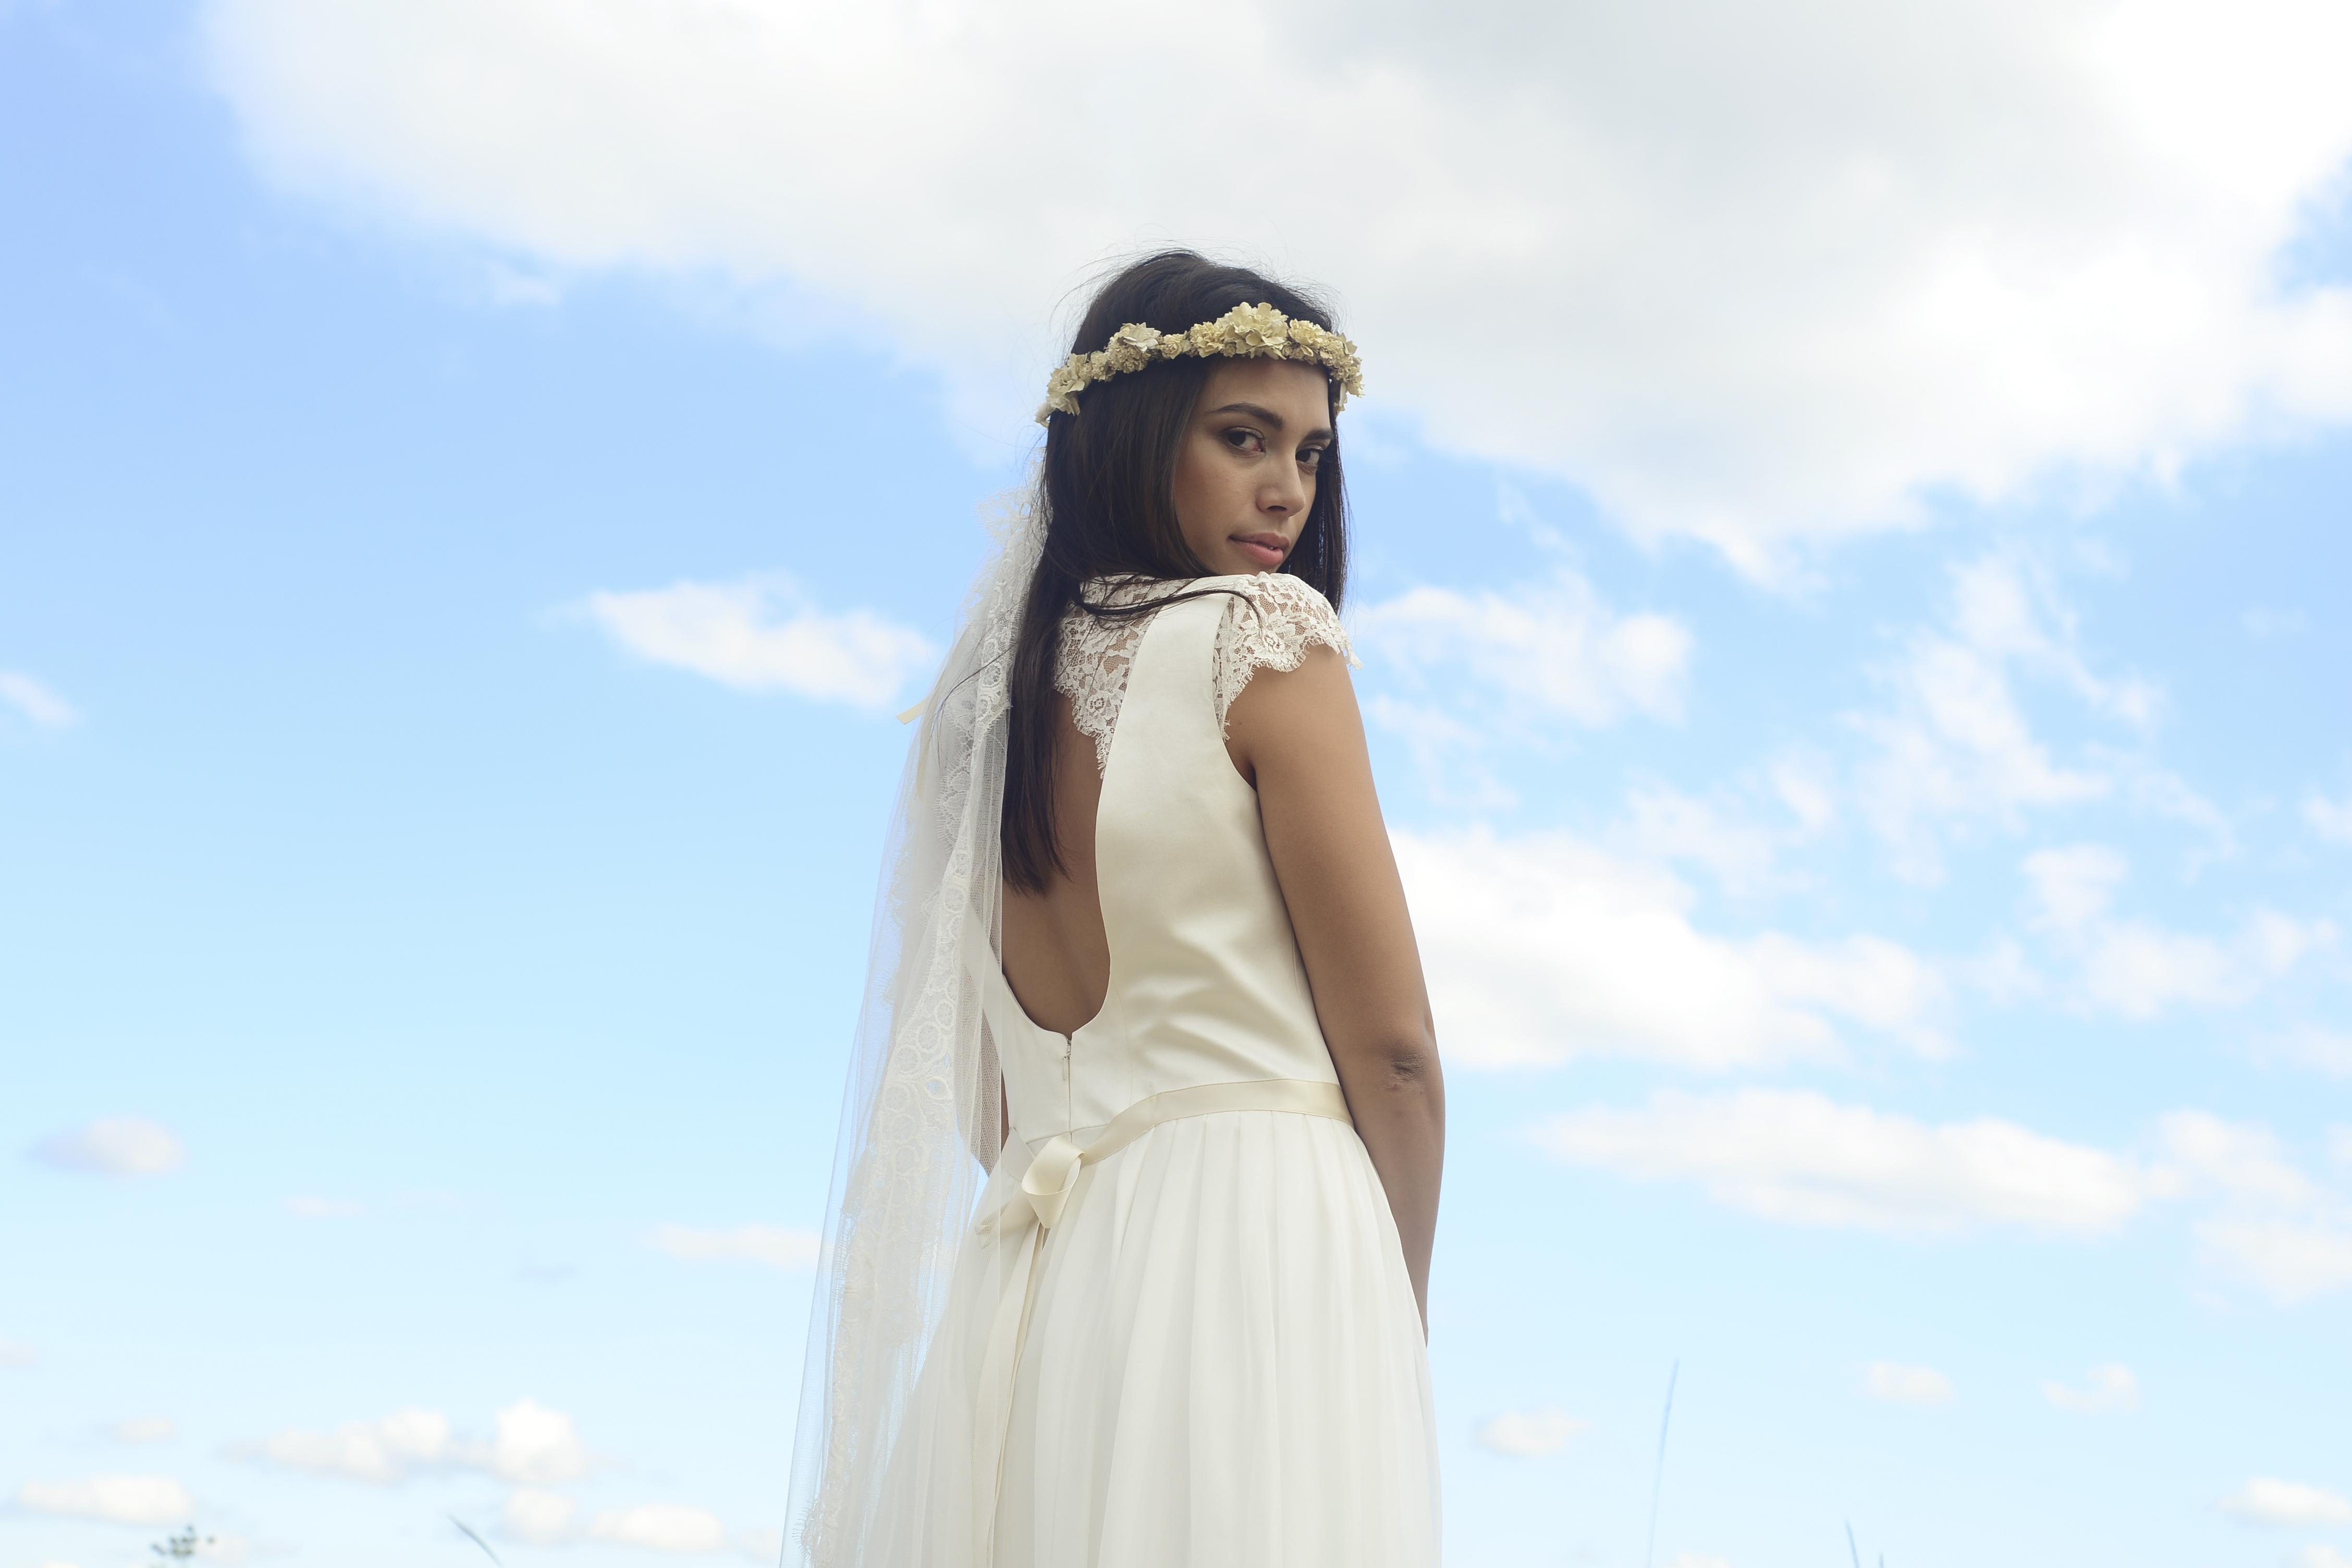 Robes de mariée | Nouvelle Collection 2017 signée Organse Paris | Blog mariage La Mariée Sous Les Etoiles